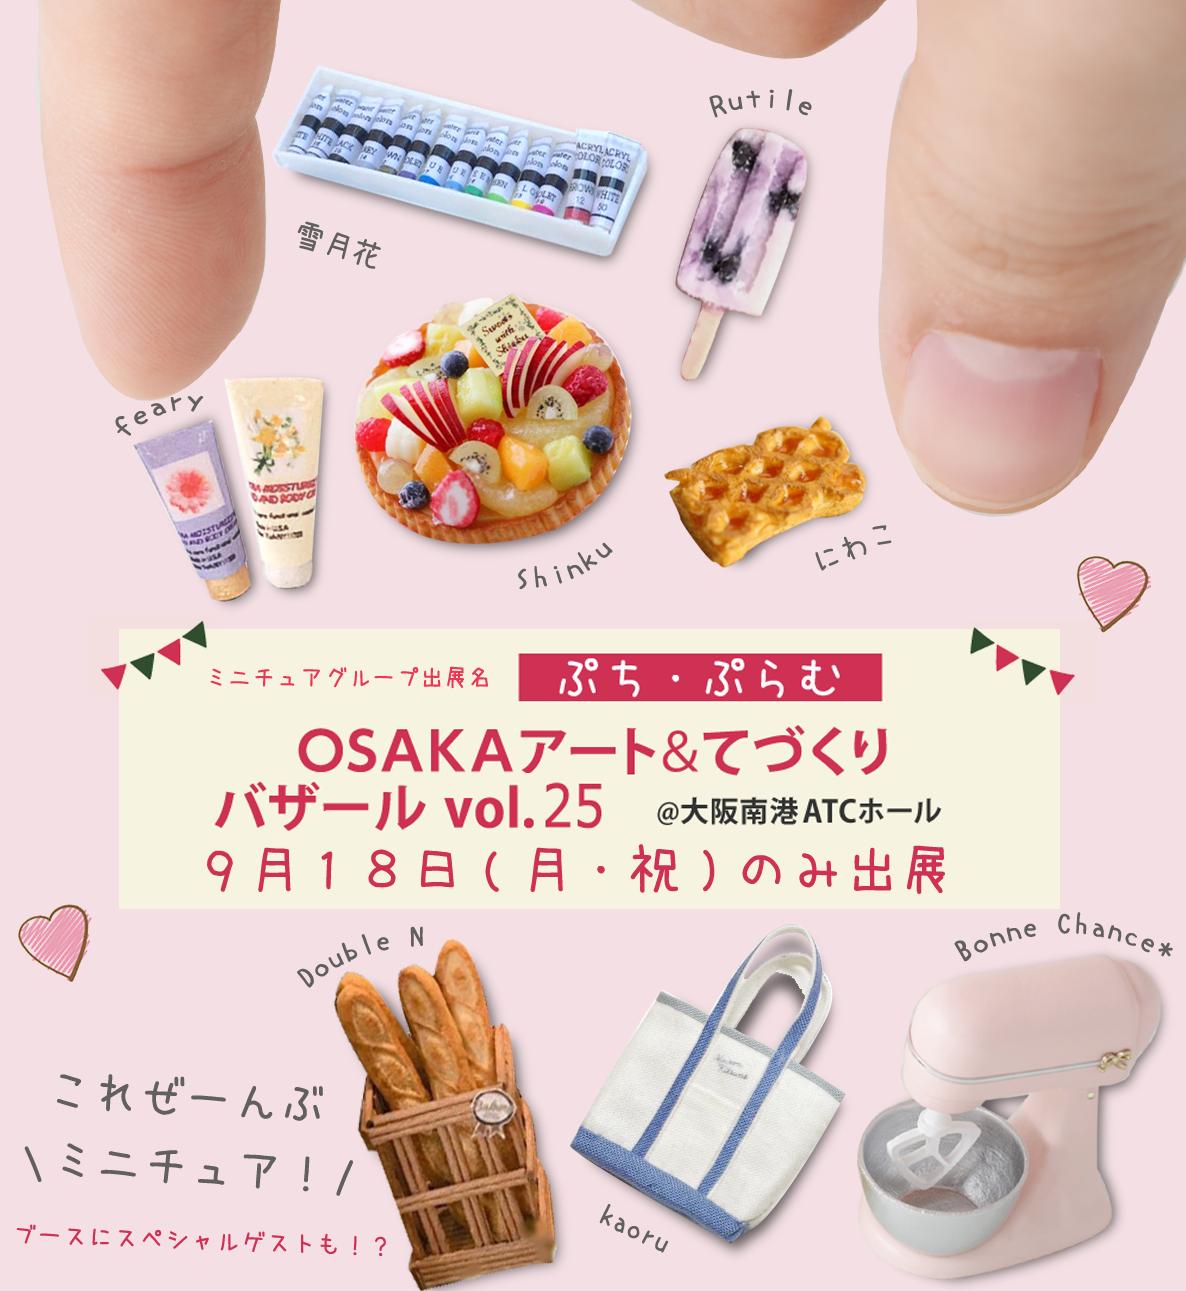 ぷち・ぷらむ 宣伝